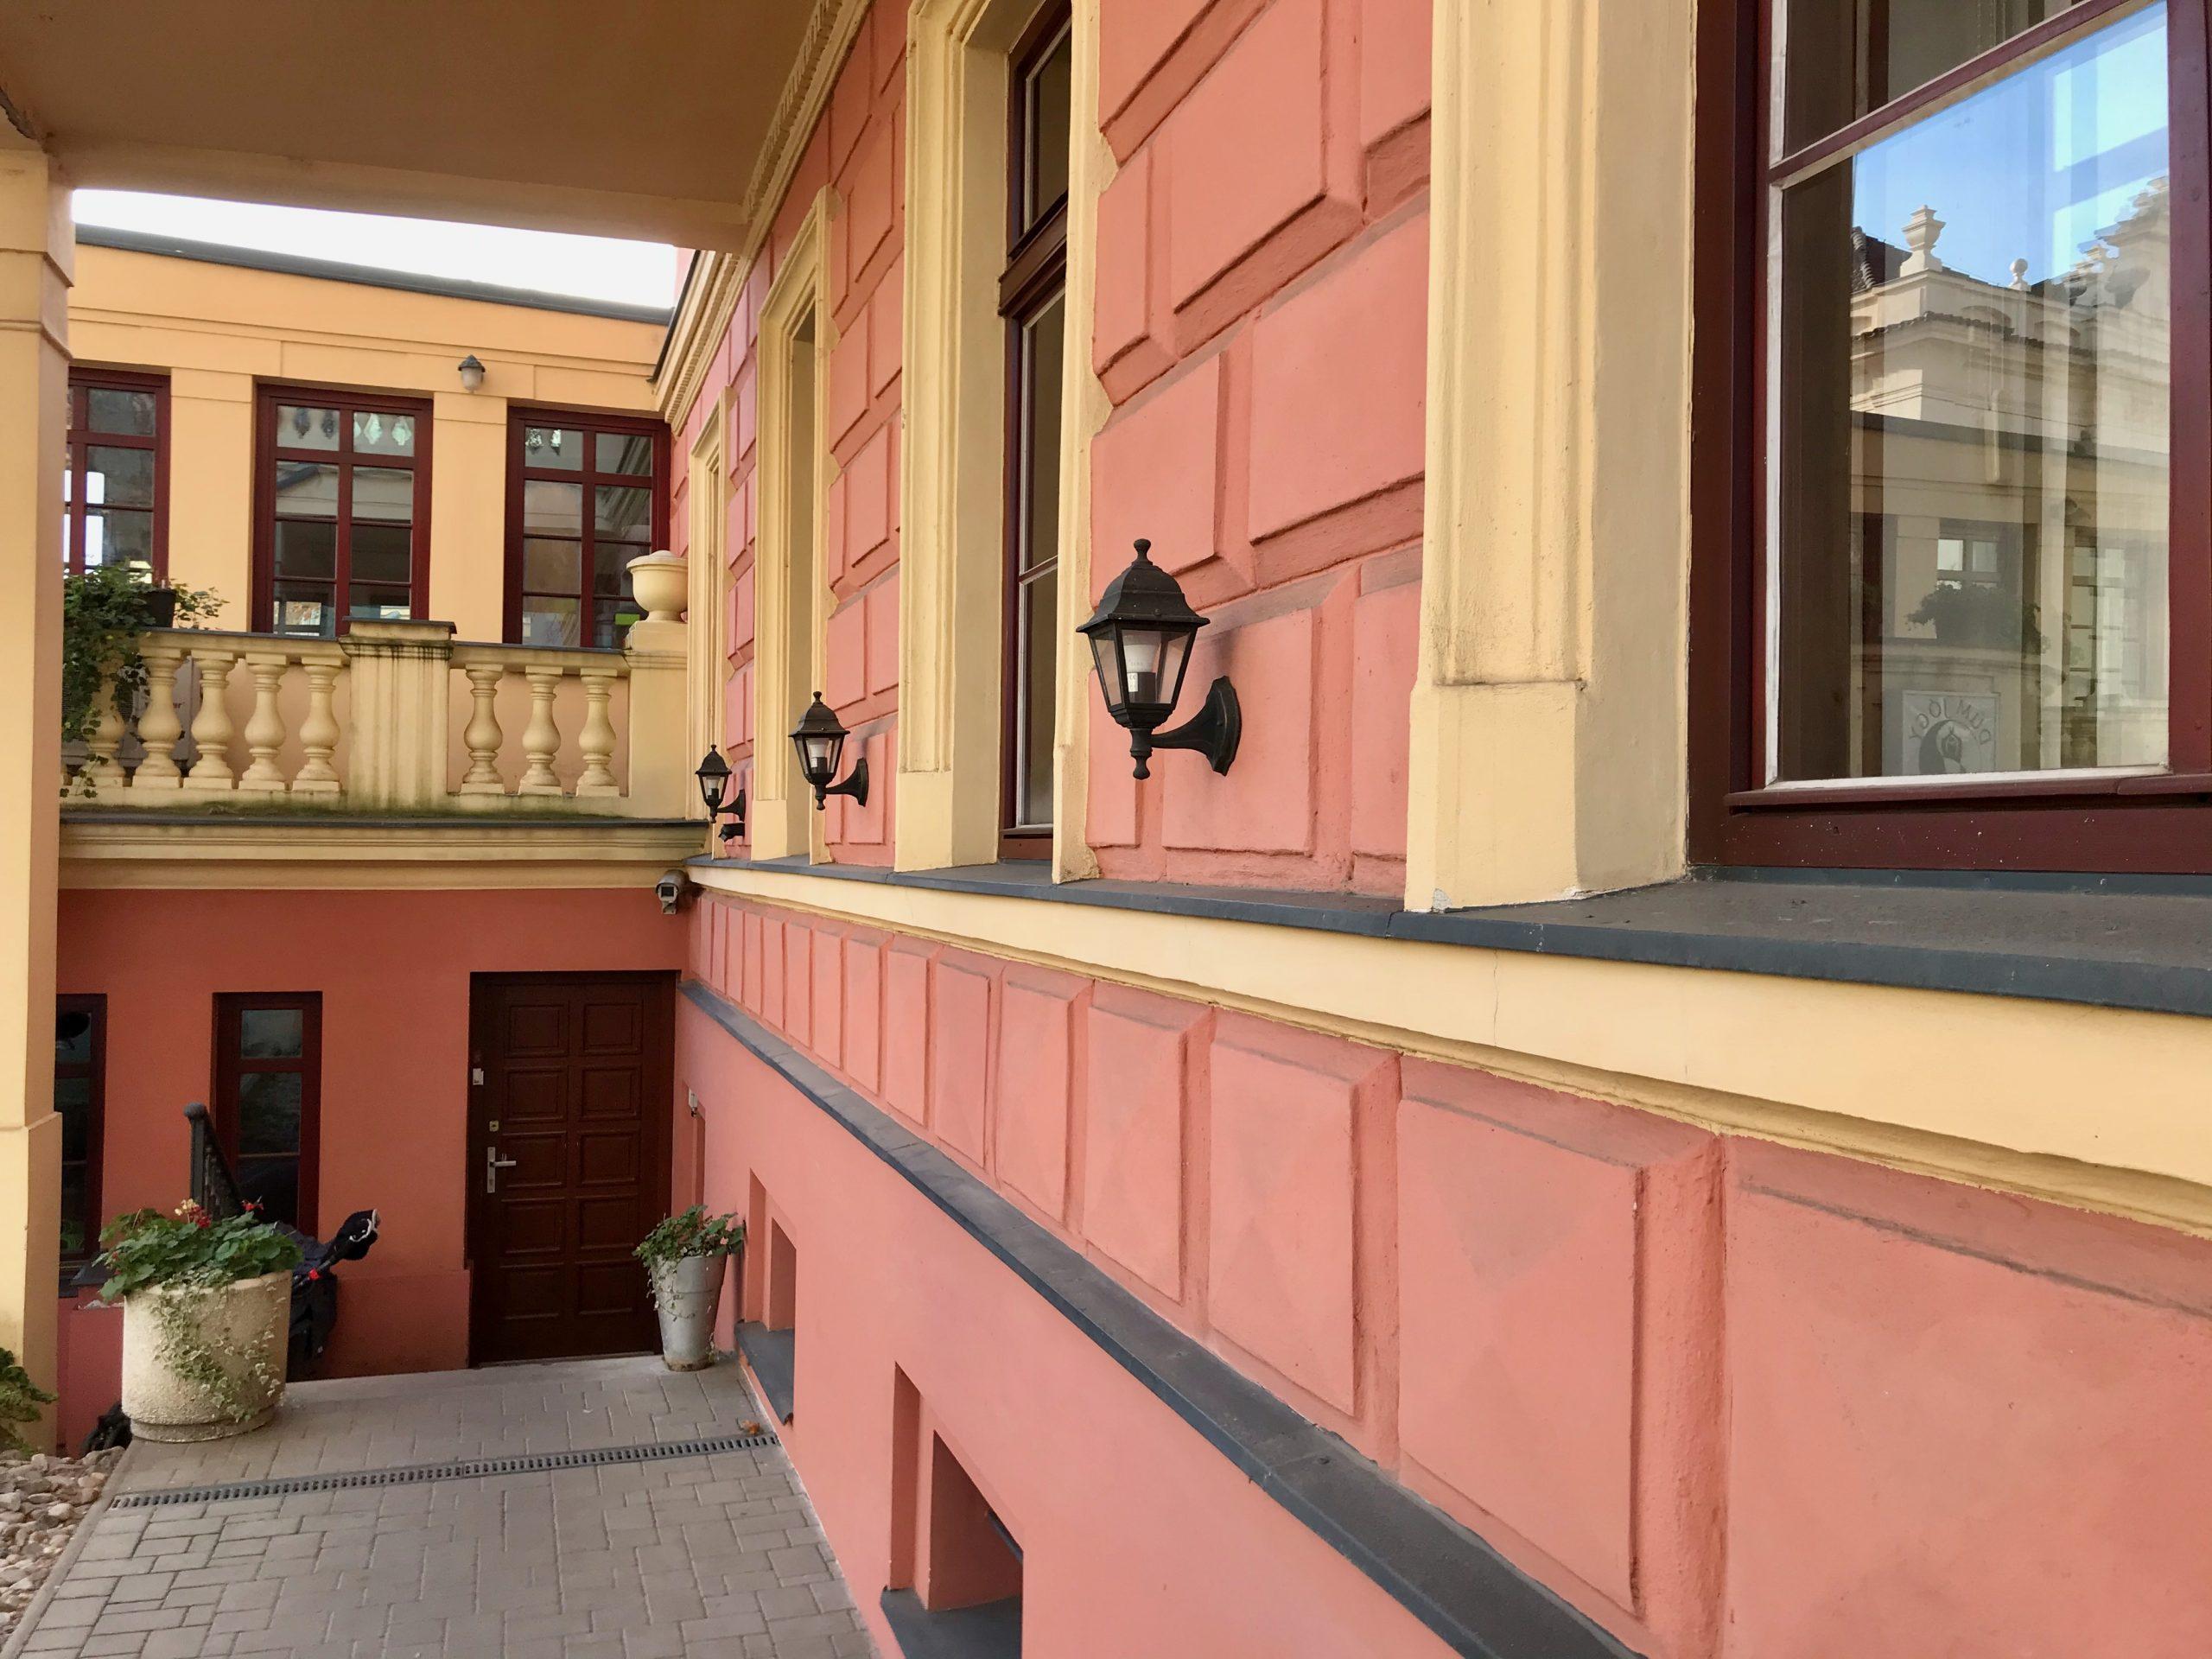 Foto - lucerny na budově - den